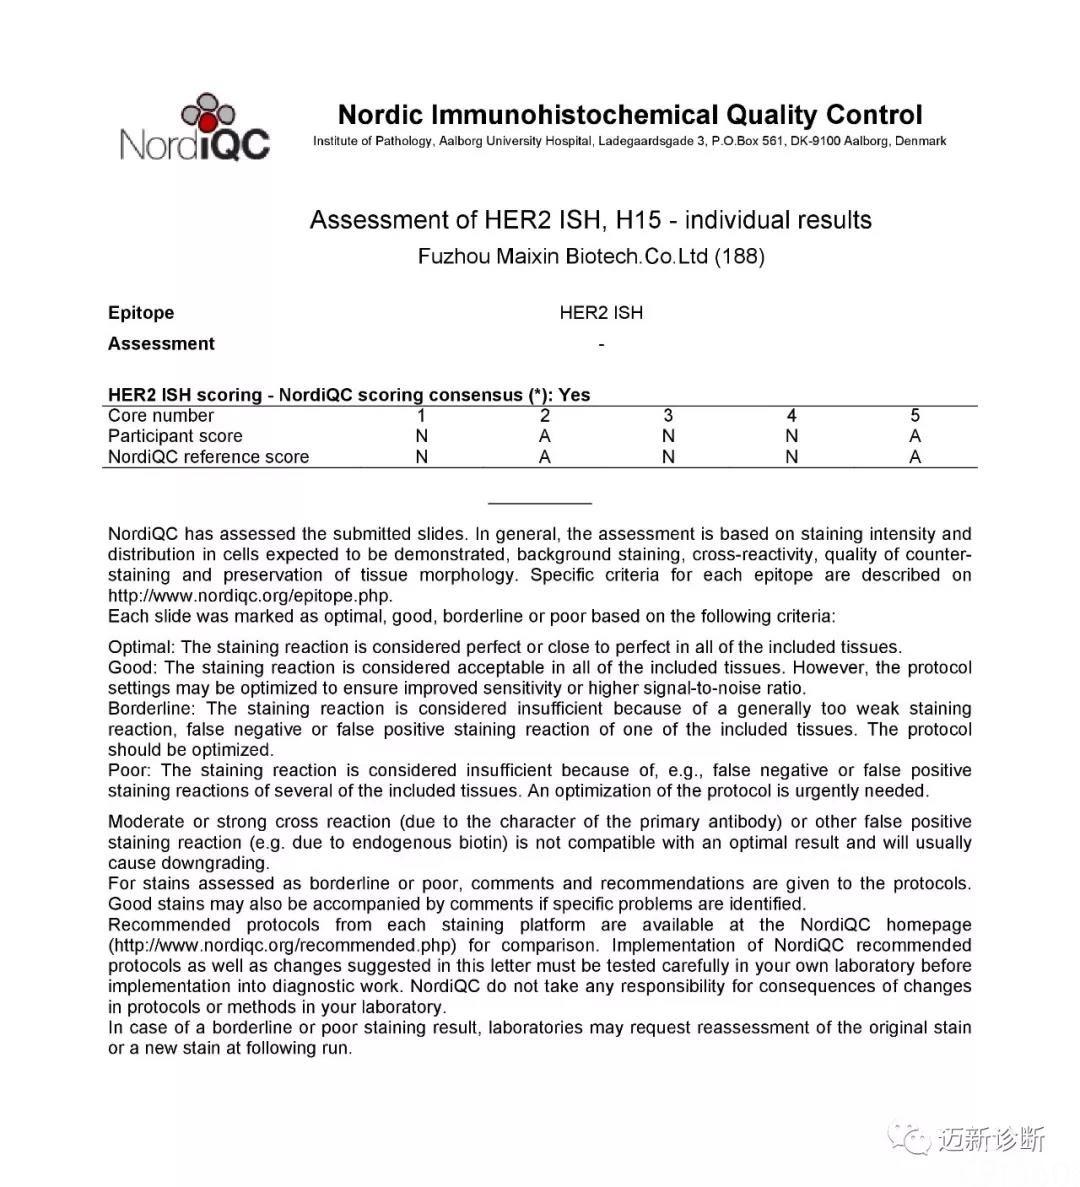 精益求精而臻于至善,迈新在 NordiQC 2019年室间质评活动中再创佳绩